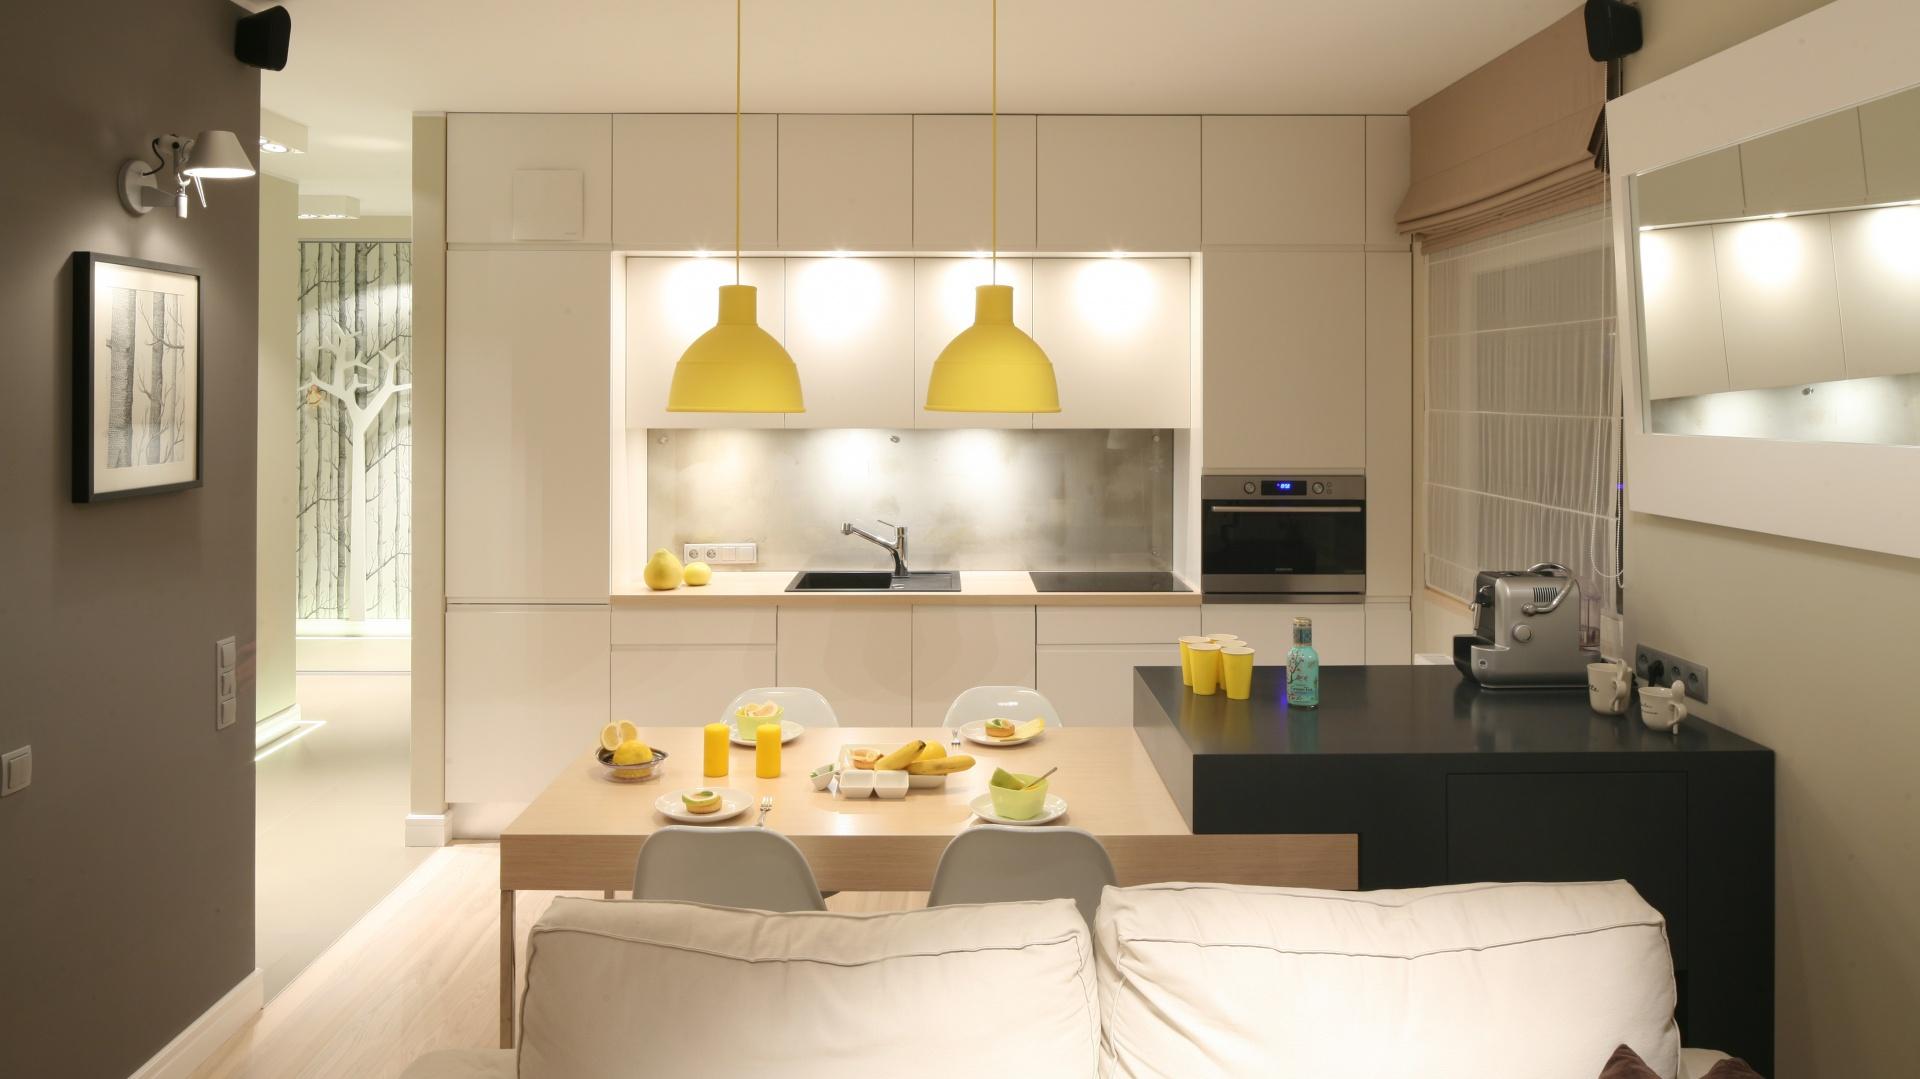 Kuchnię do salonu oddziela Mała kuchnia Zobaczcie   -> Kuchnia Z Salonem Umeblowanie